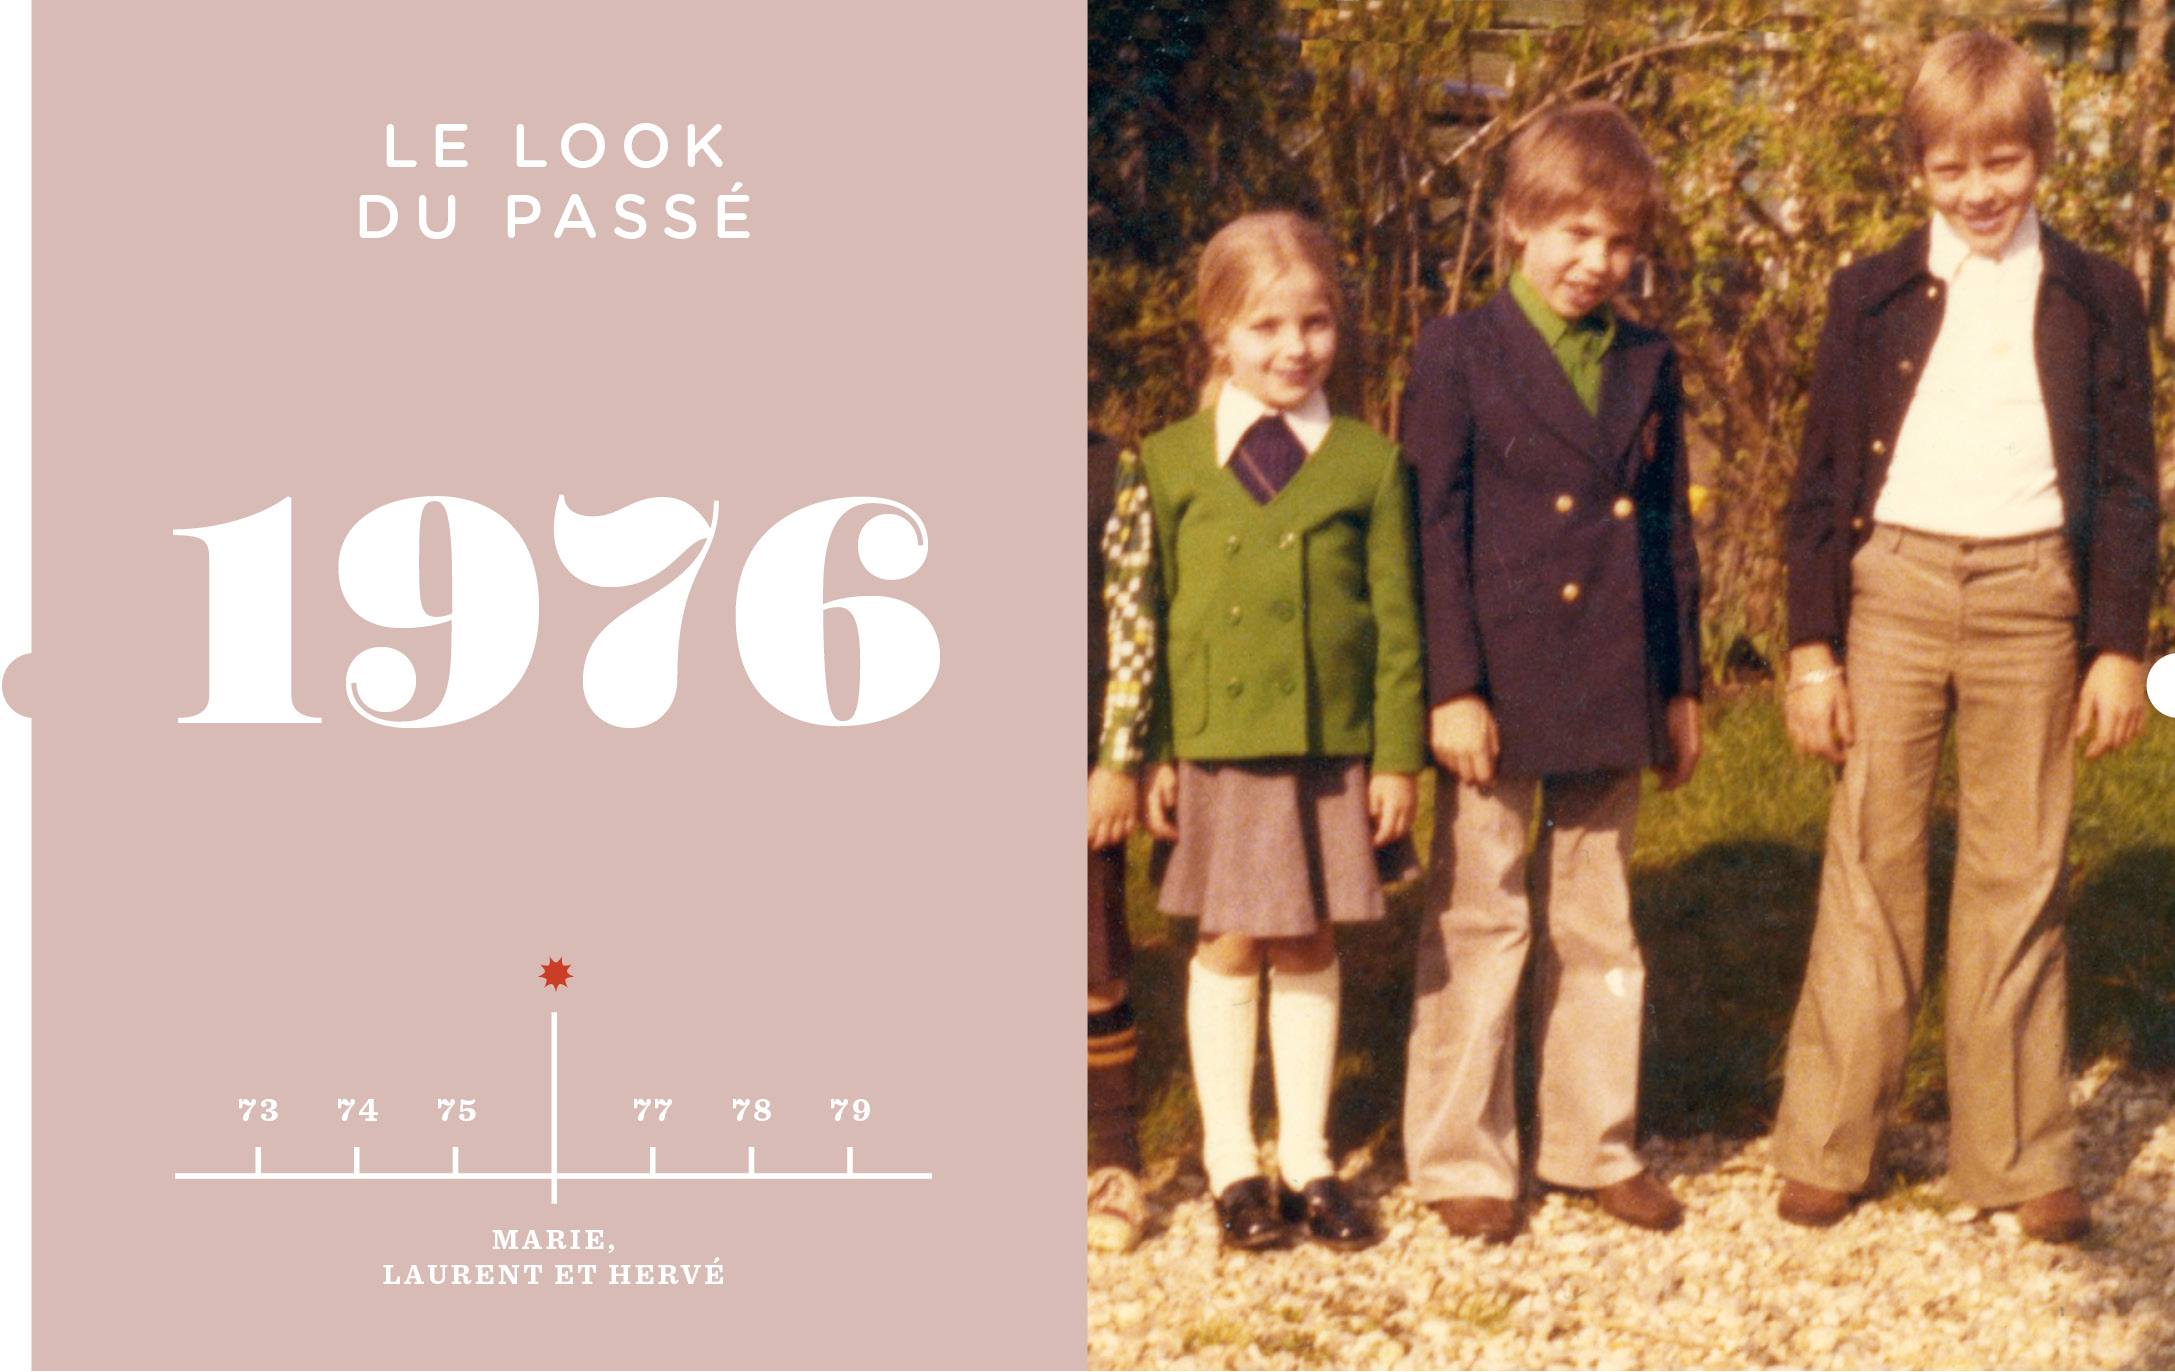 le look du passe Marie, Laurent et Hervé_POST.jpg